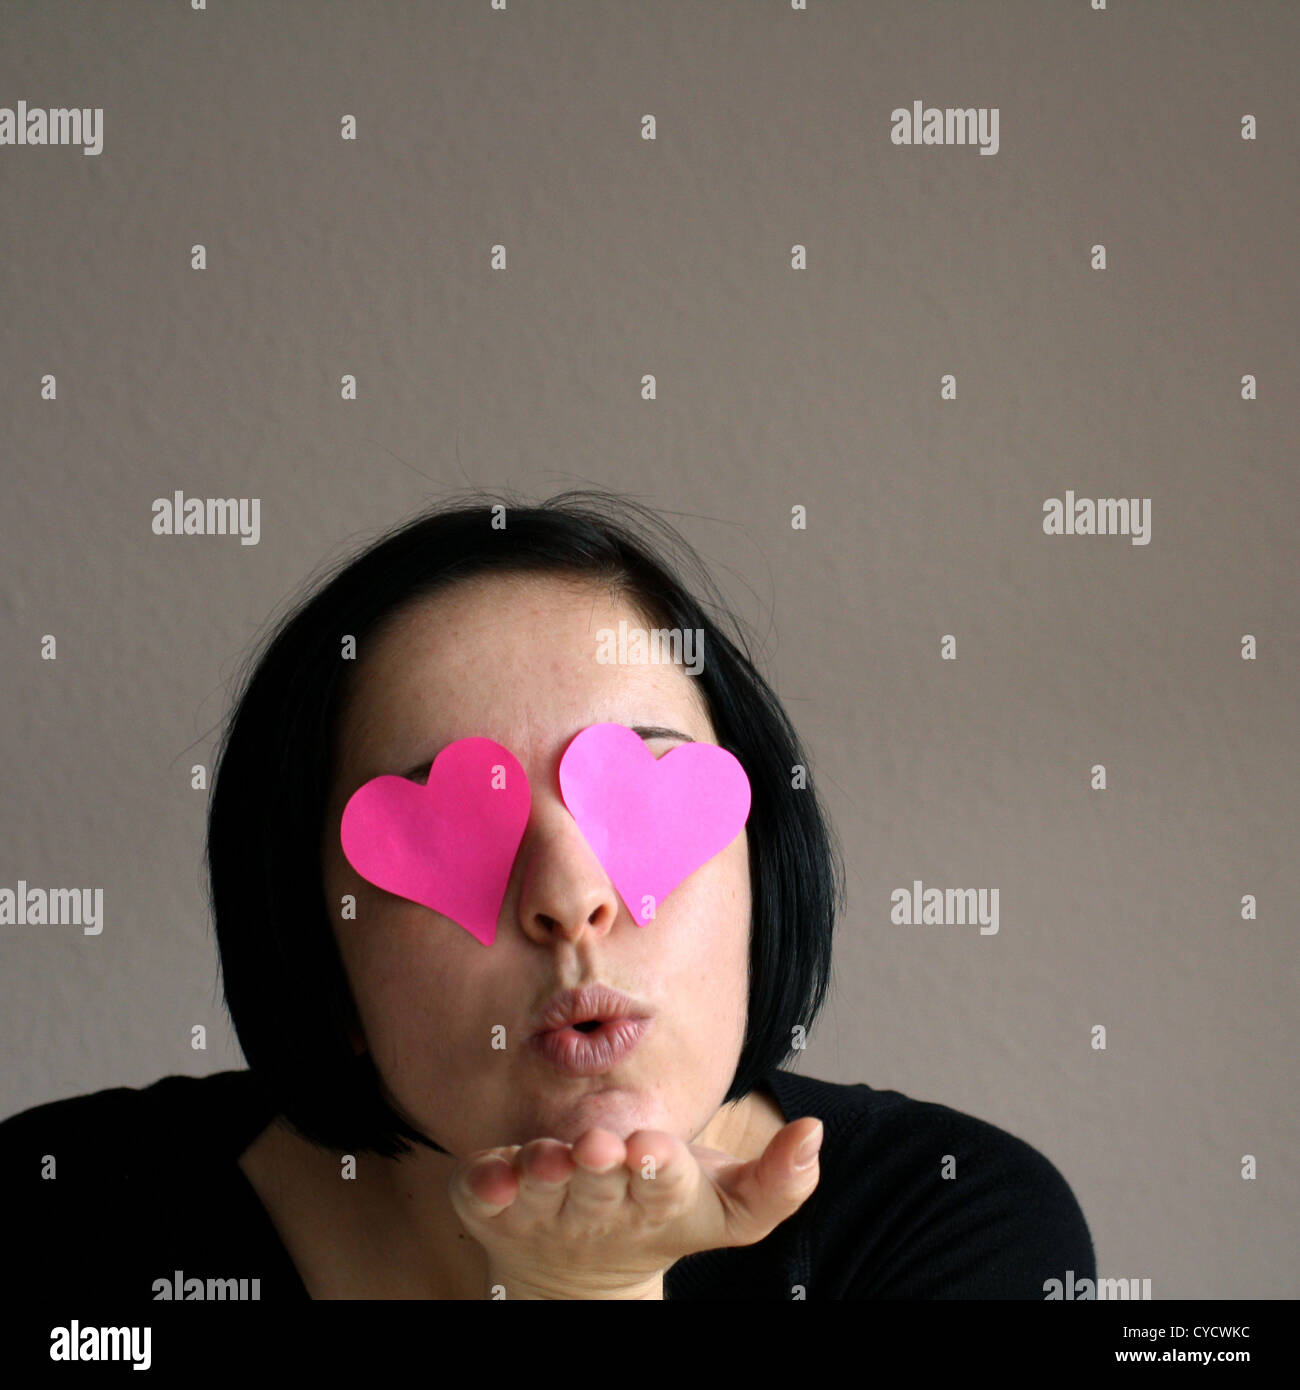 liebevolle, rosa Brille, einen Kuss Stockfoto